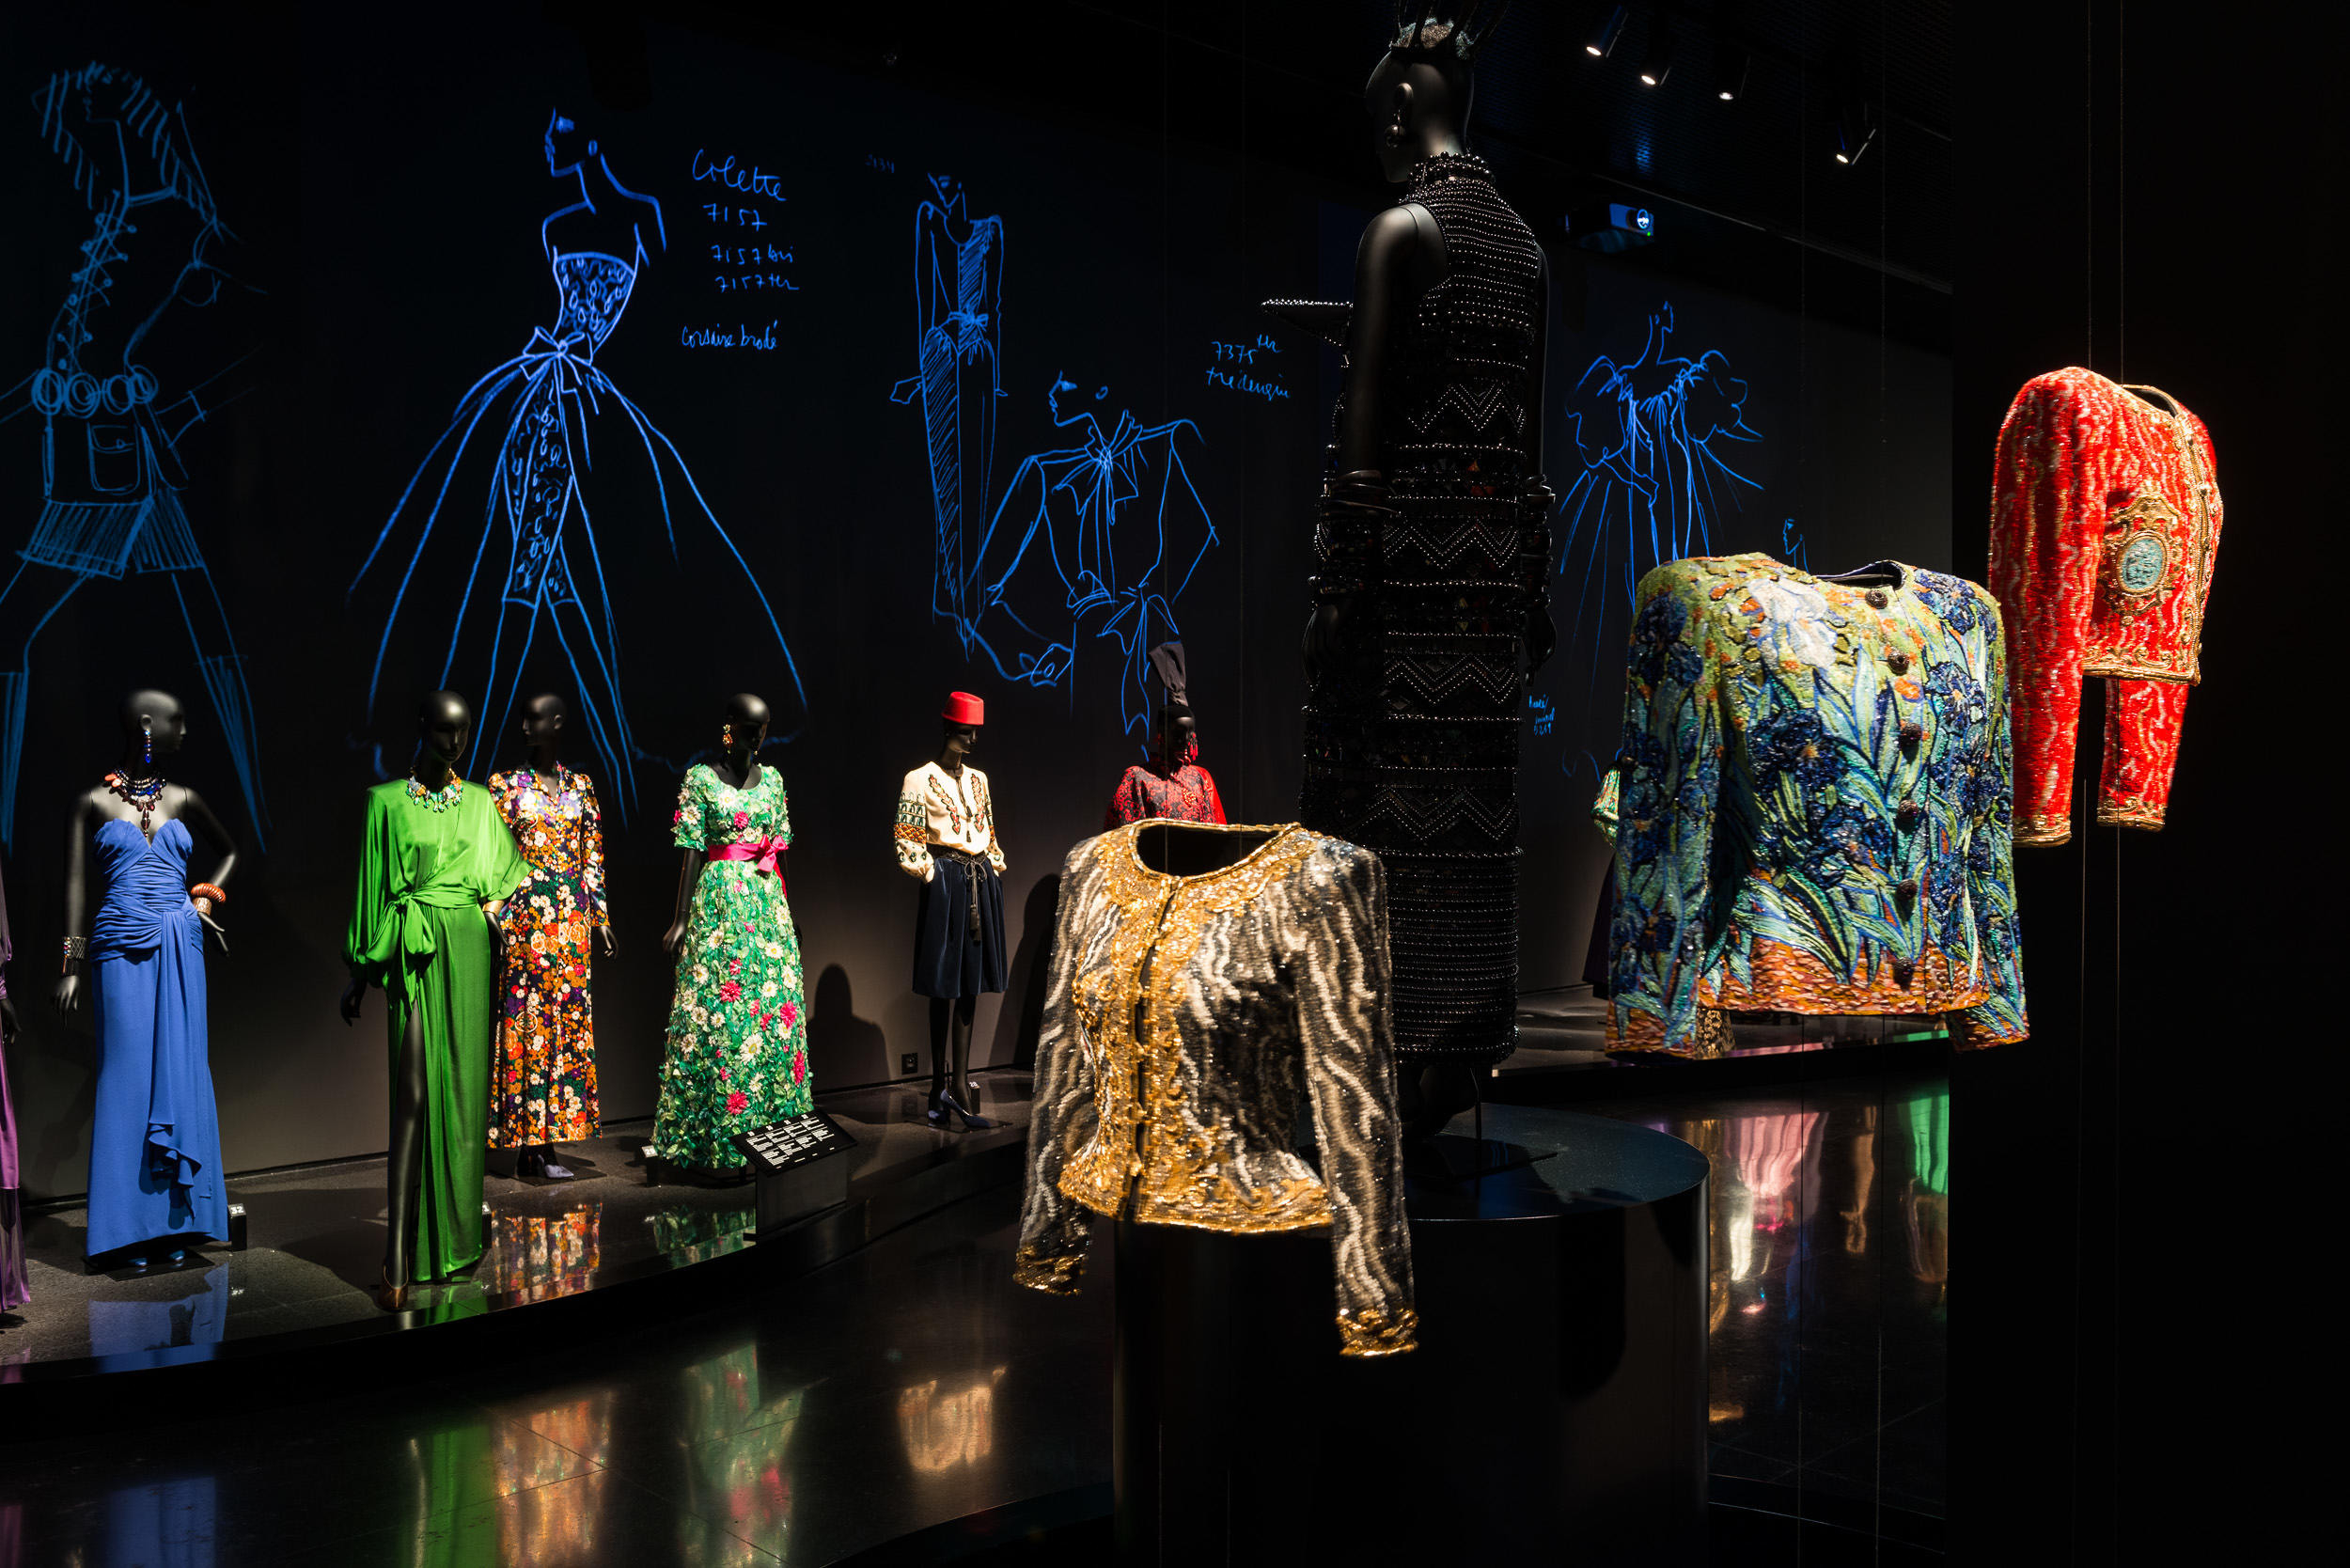 17 Schön Abendkleider Yves Saint Laurent GalerieFormal Großartig Abendkleider Yves Saint Laurent Vertrieb